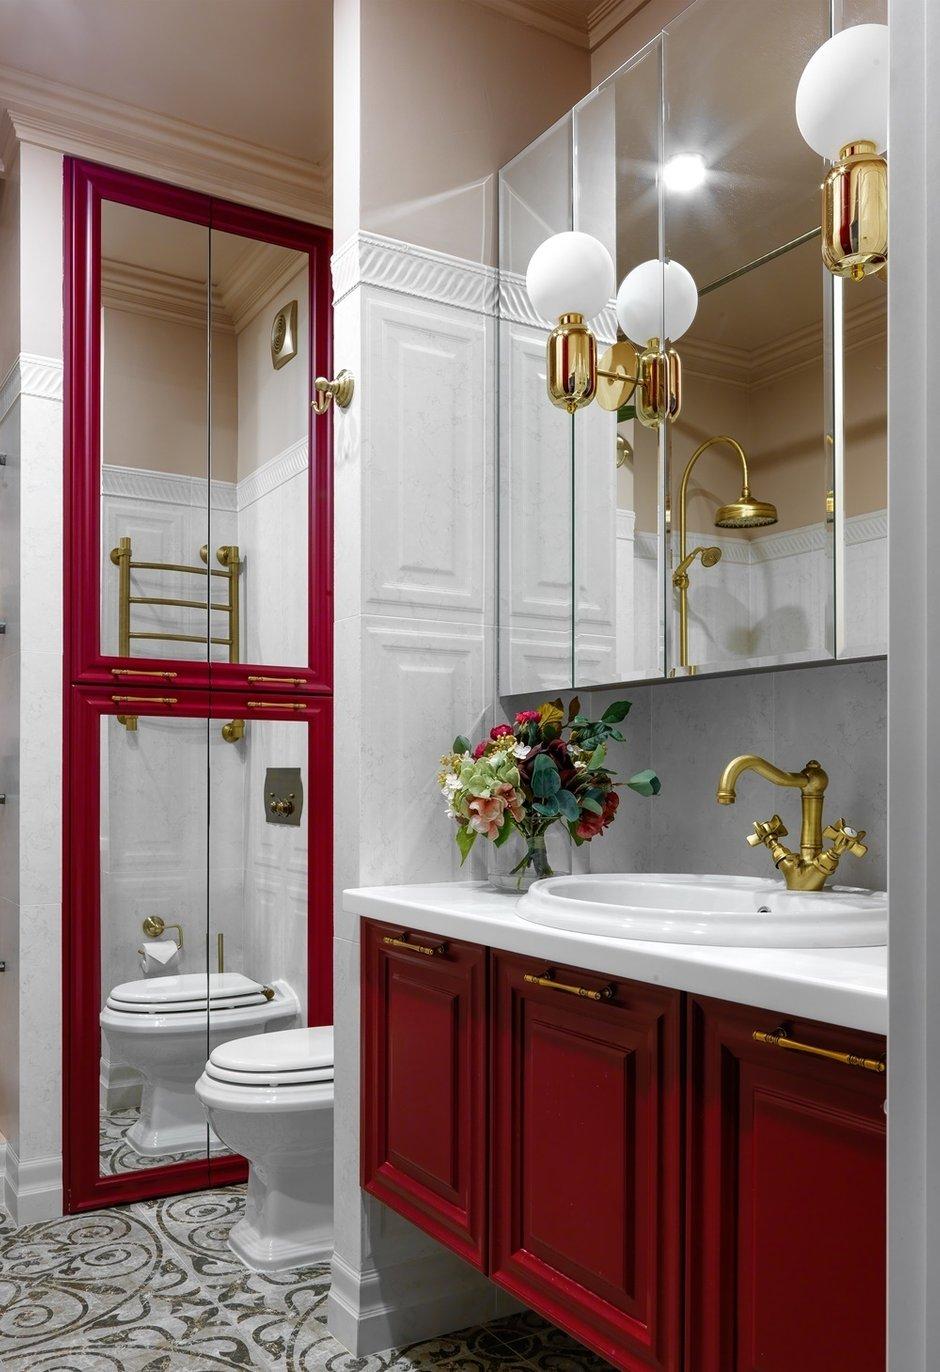 Фотография: Ванная в стиле Современный, Квартира, Проект недели, Москва, Монолитный дом, 1 комната, 40-60 метров, Серж Махов – фото на INMYROOM